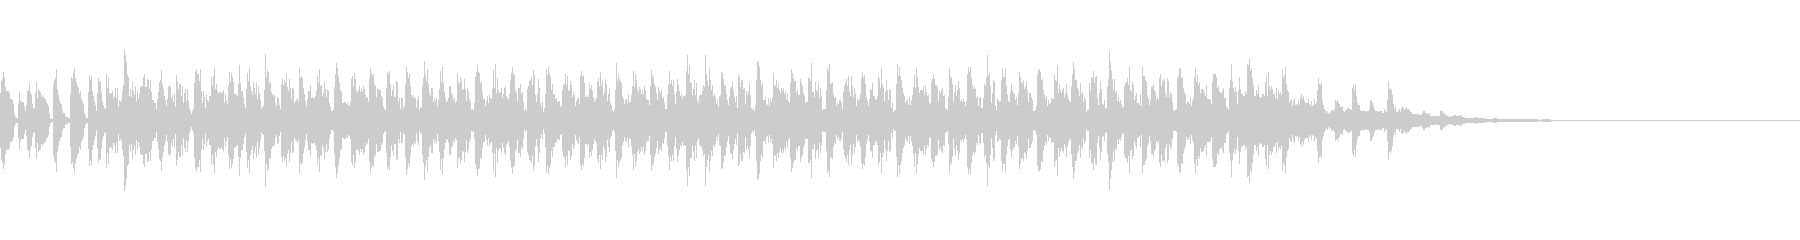 ソカ系の短いジングルの未再生の波形